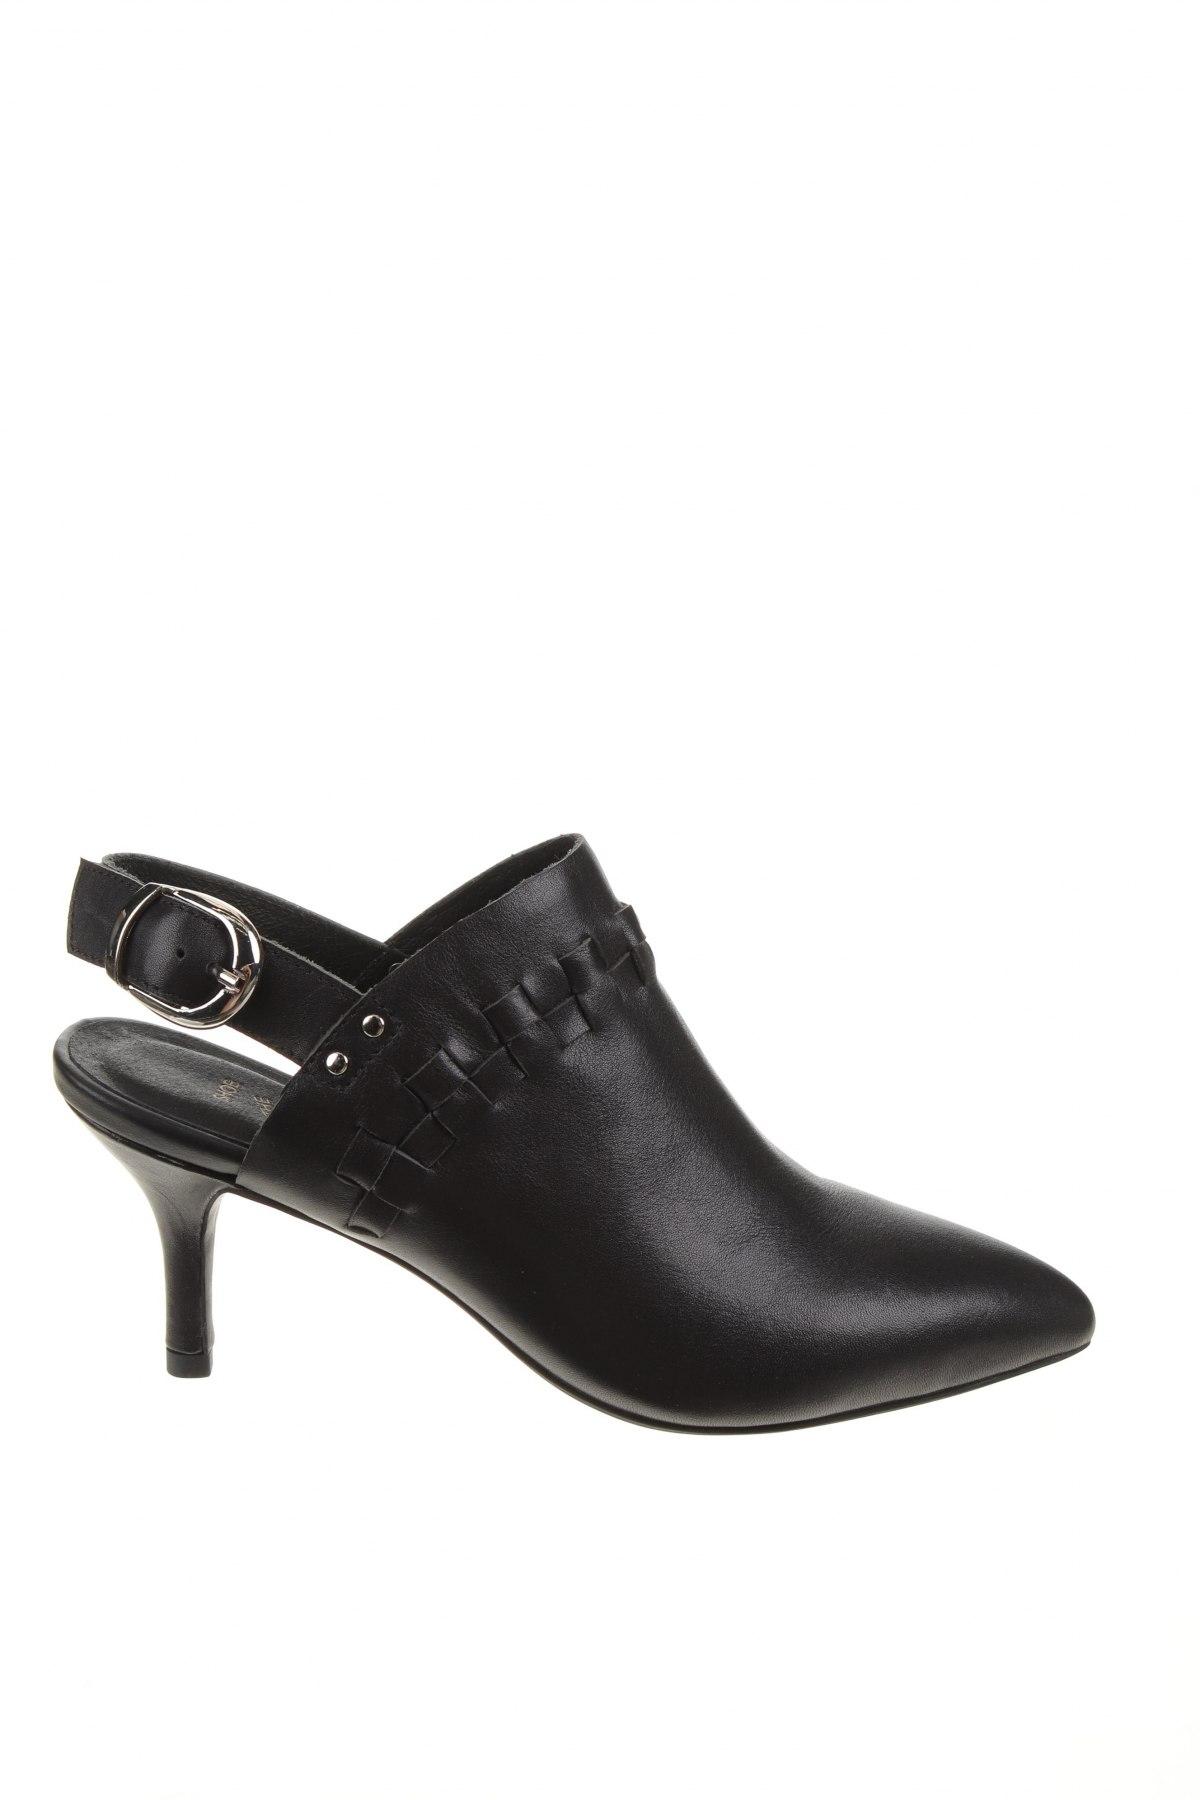 Дамски обувки Shoe The Bear, Размер 36, Цвят Черен, Естествена кожа, Цена 216,75лв.